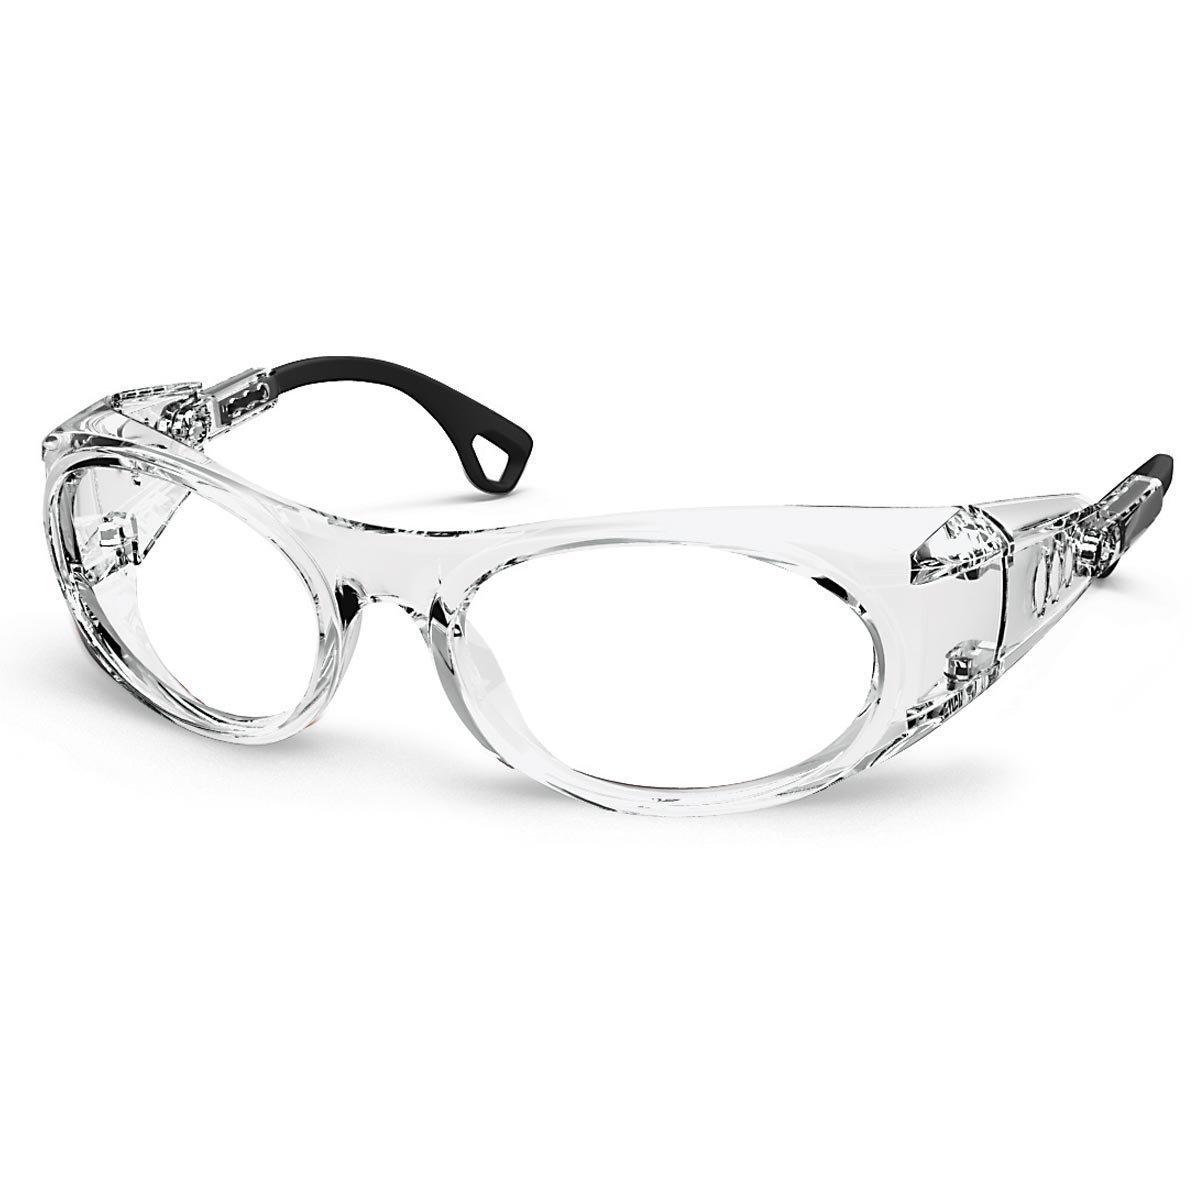 Uvex Korrektionsschutzbrille RX cd 5505 transparent - Keine Entspiegelung